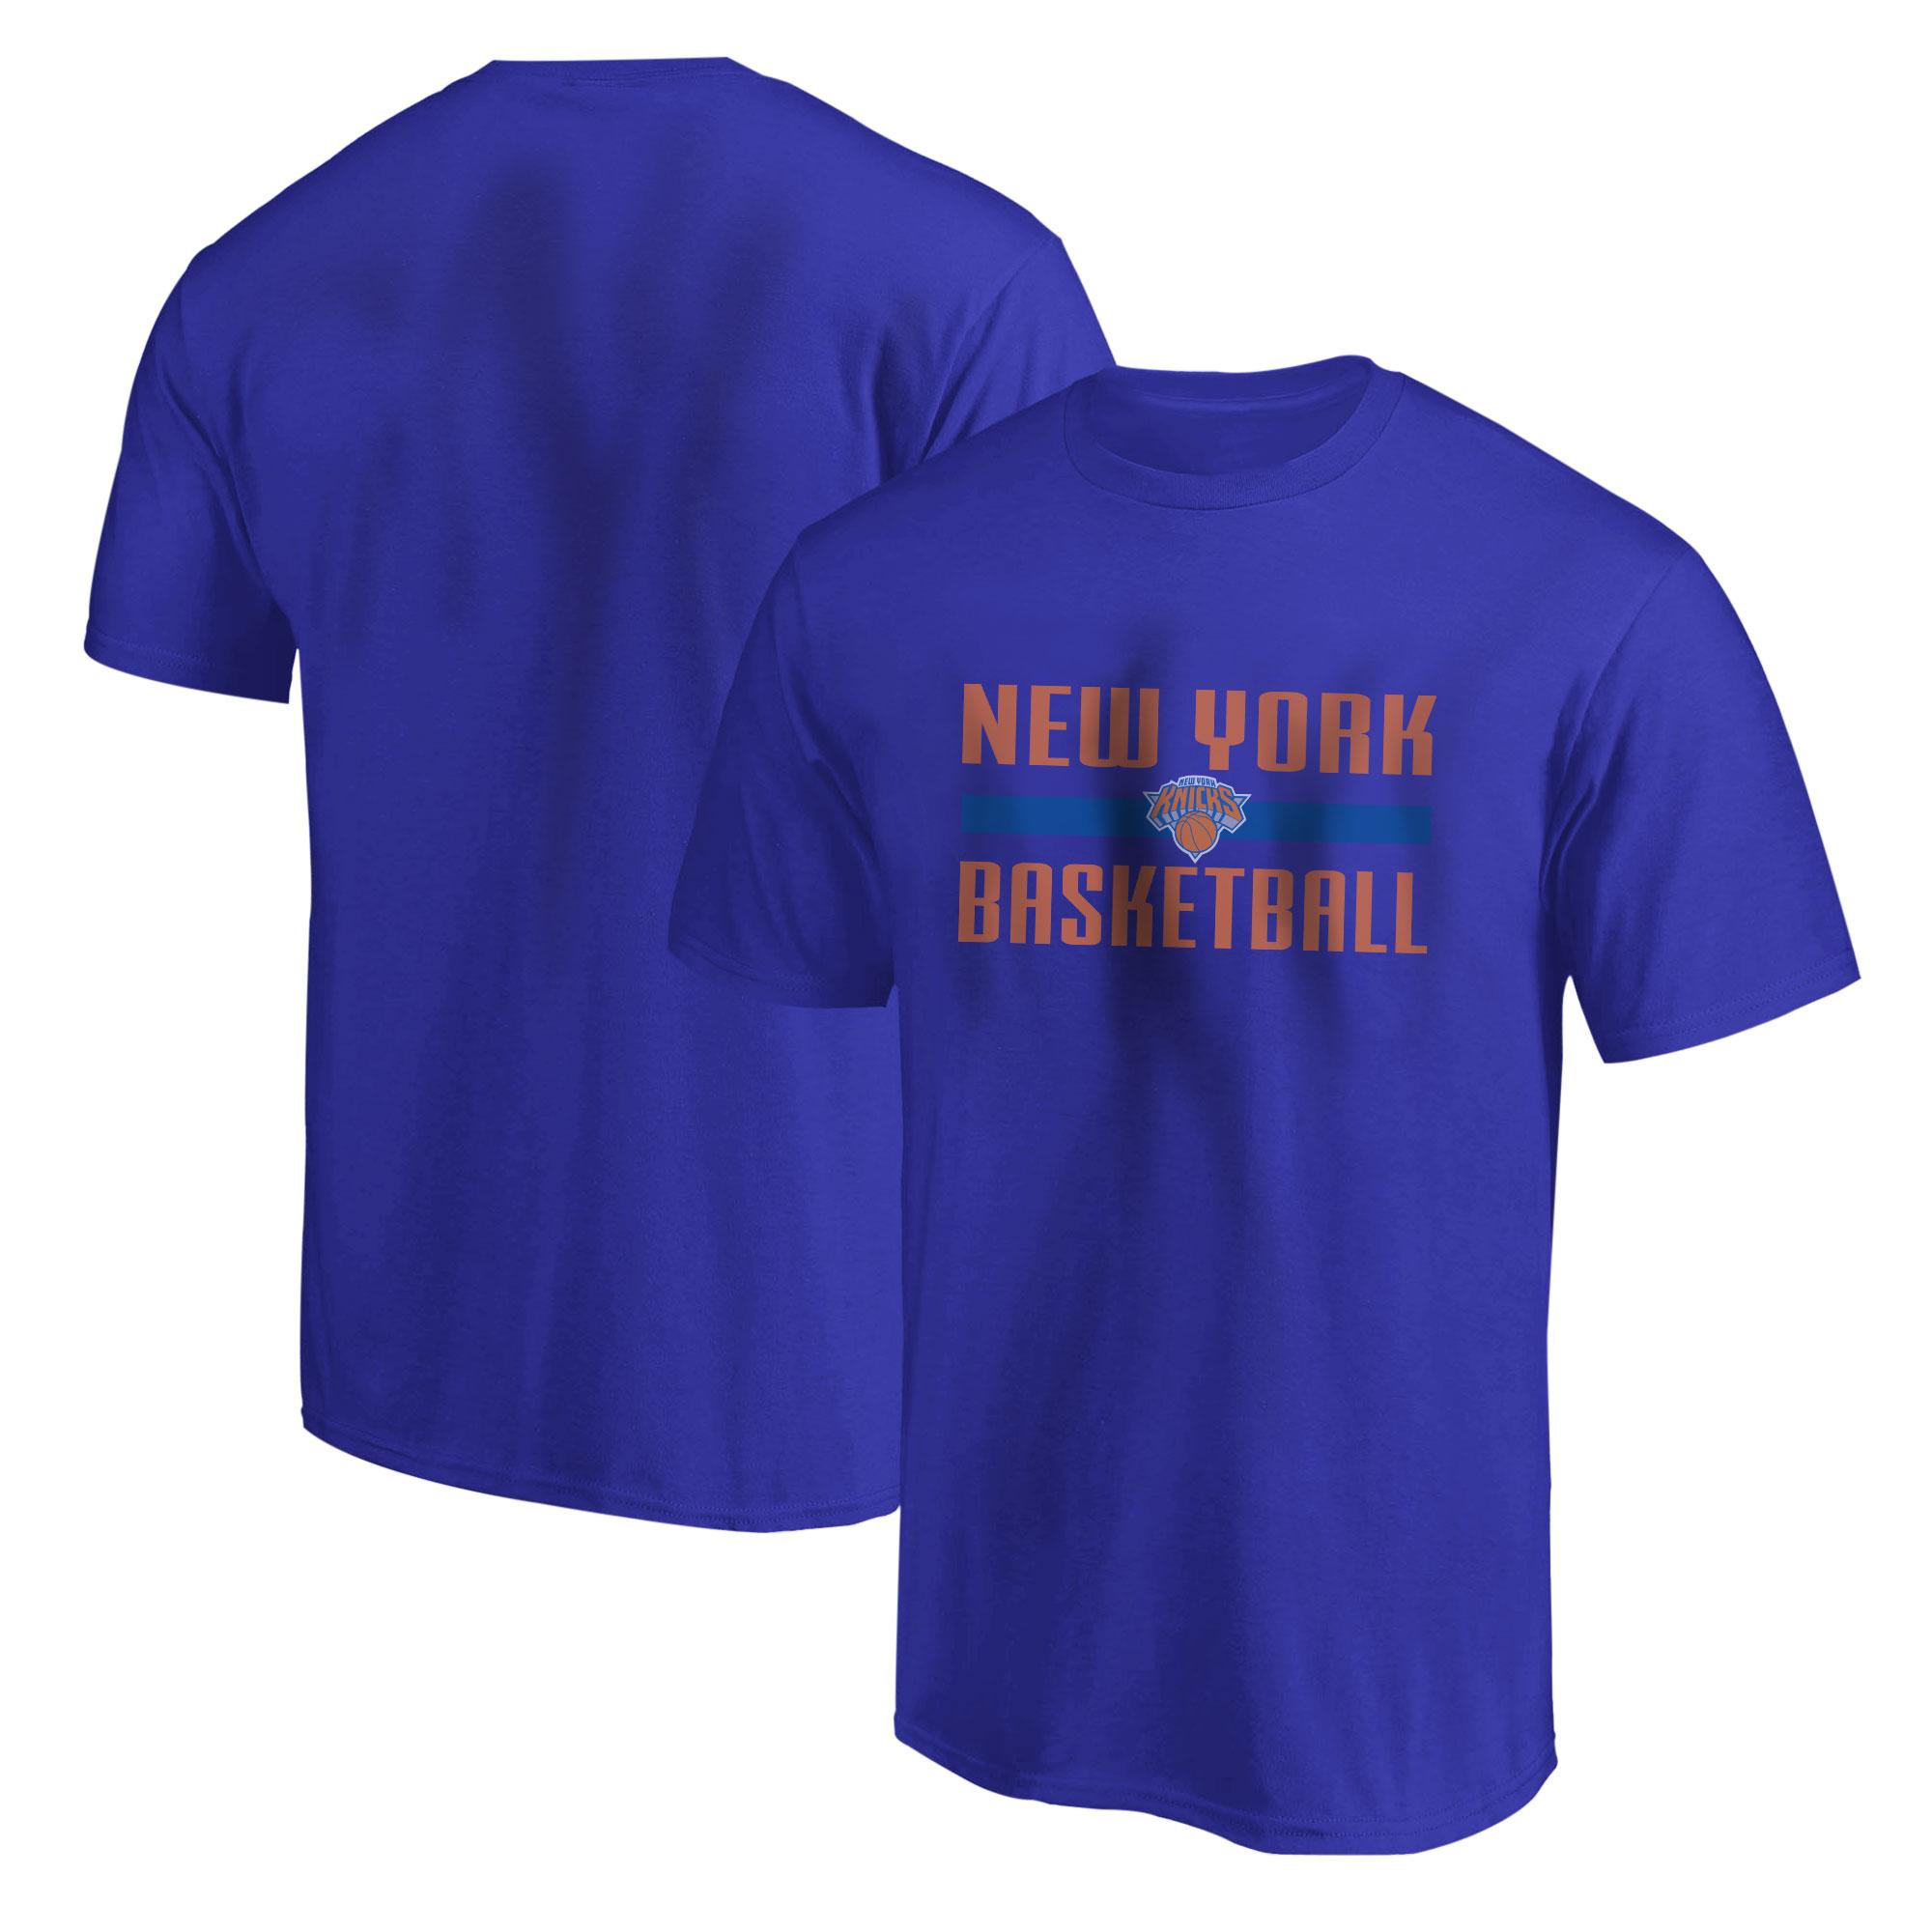 New York Knicks Basketball Tshirt (TSH-BLU-NP-knicks-bsktbll-531)